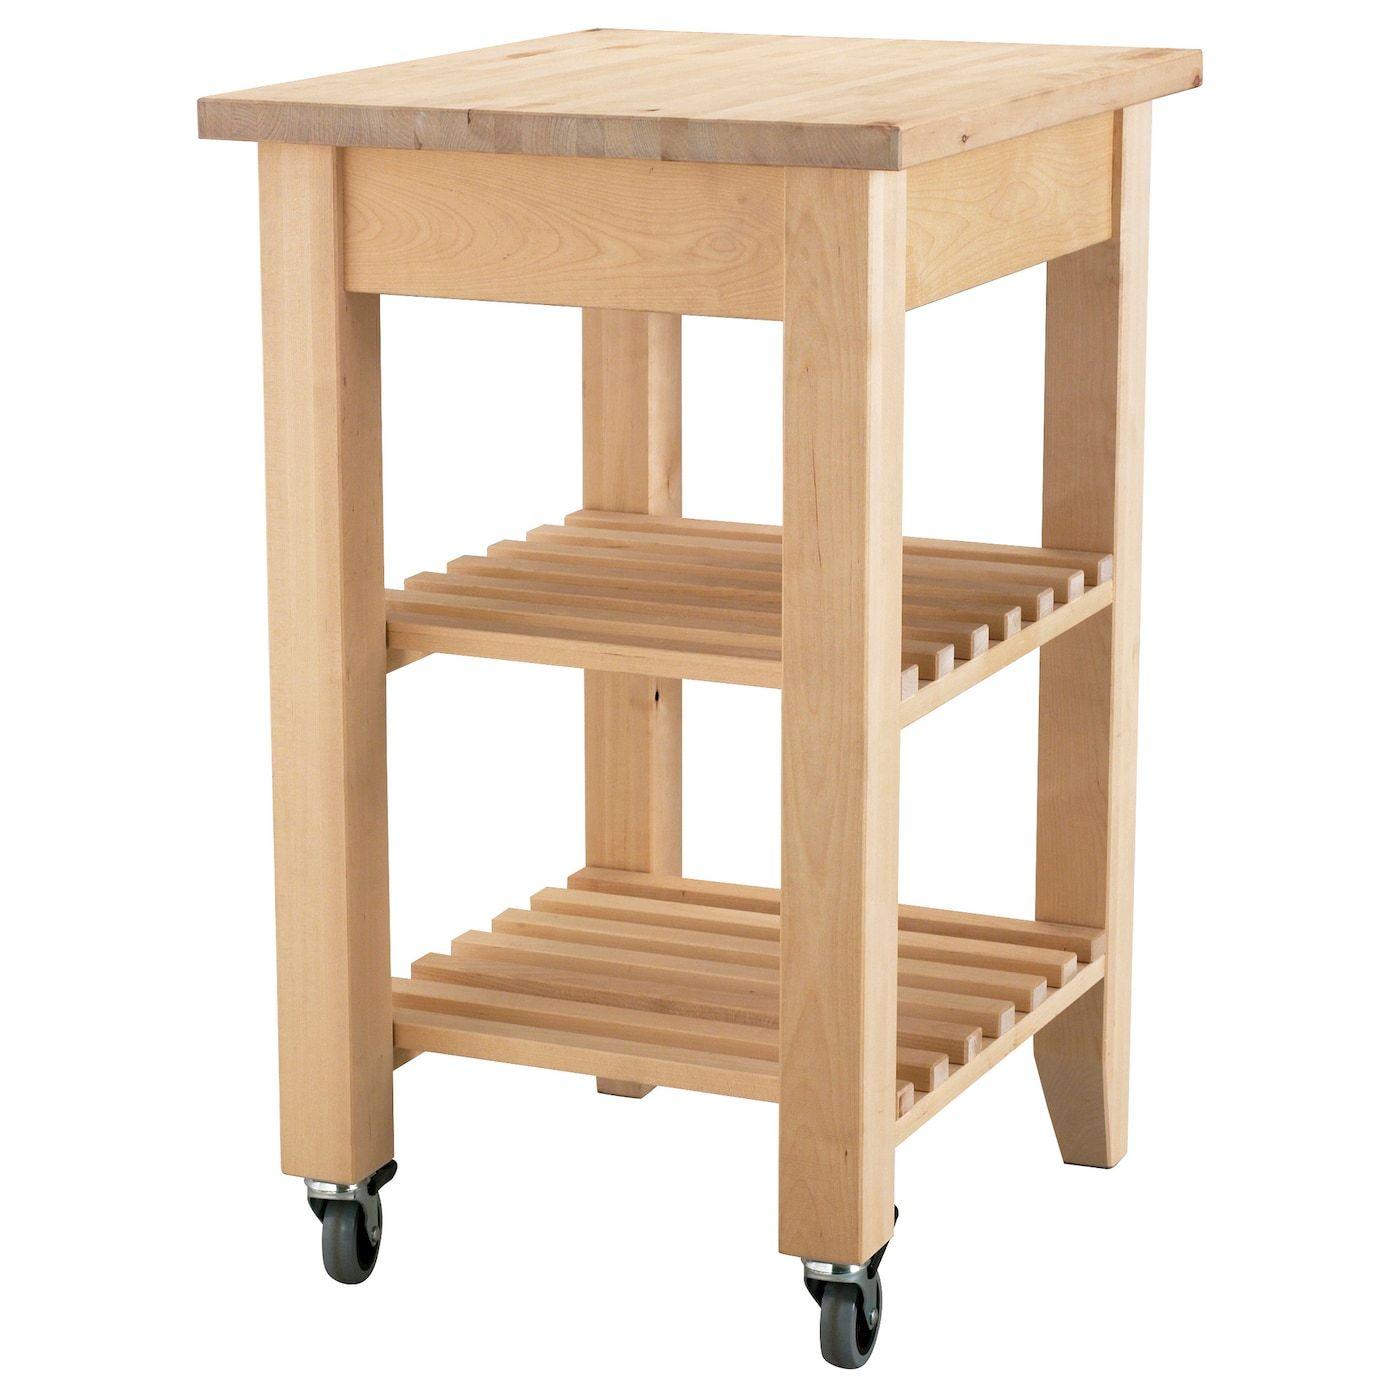 Full Size of Küche Kaufen Ikea Kosten Betten 160x200 Modulküche Miniküche Bei Sofa Mit Schlaffunktion Wohnzimmer Ikea Küchenwagen